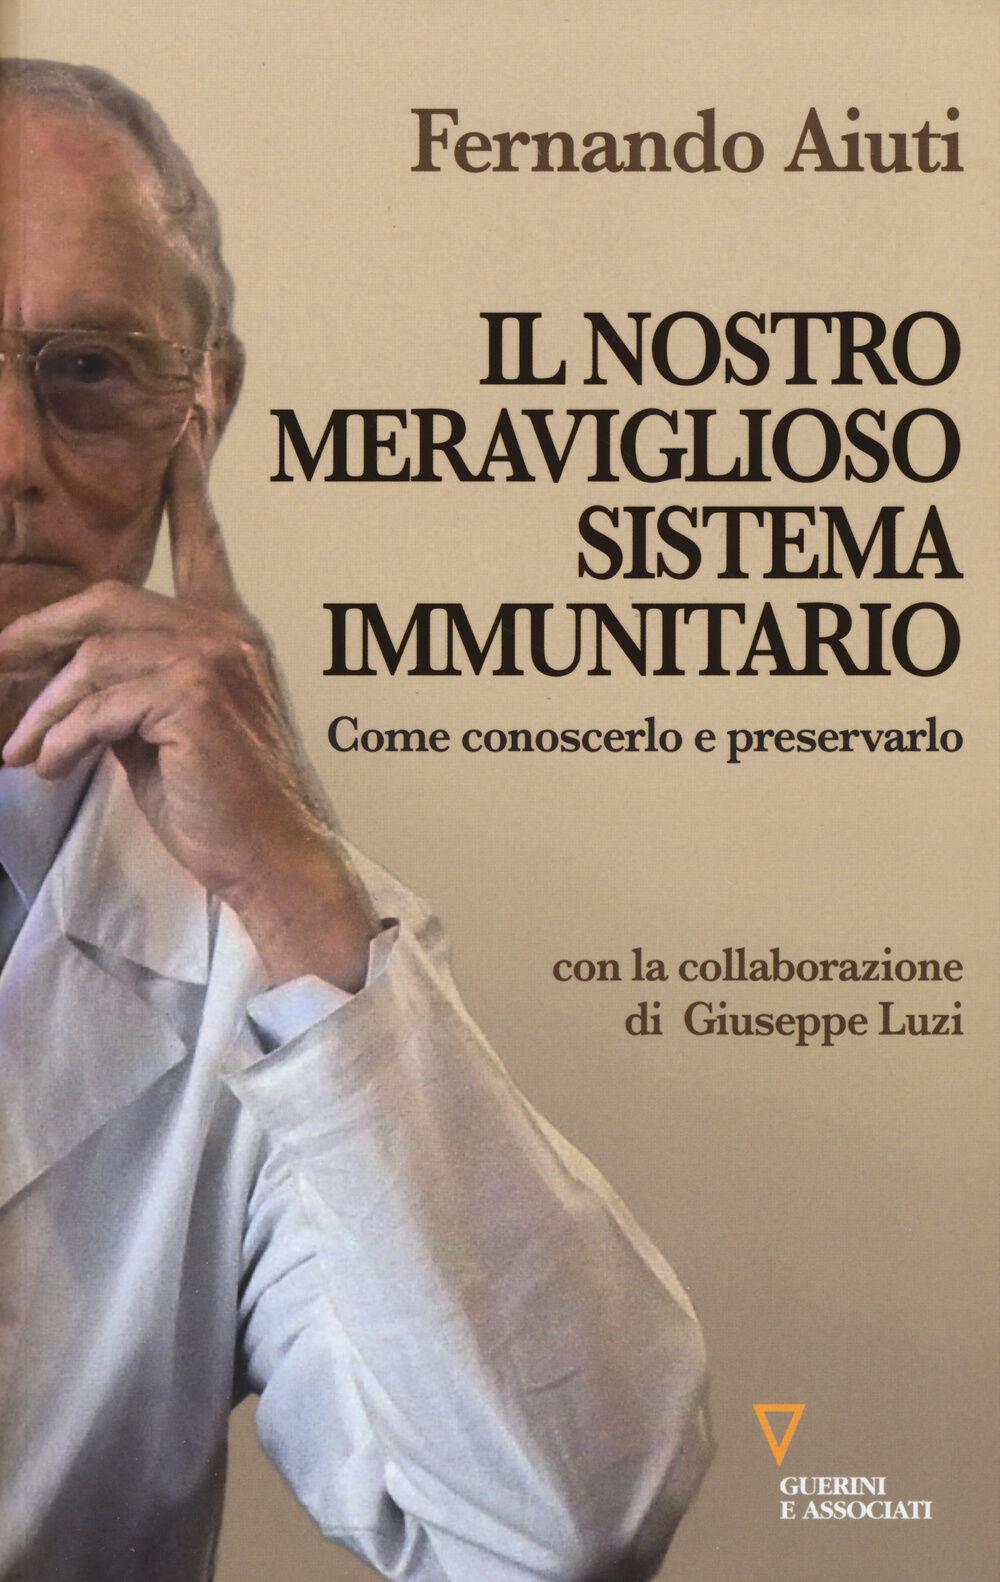 Il nostro meraviglioso sistema immunitario. Come conoscerlo e preservarlo